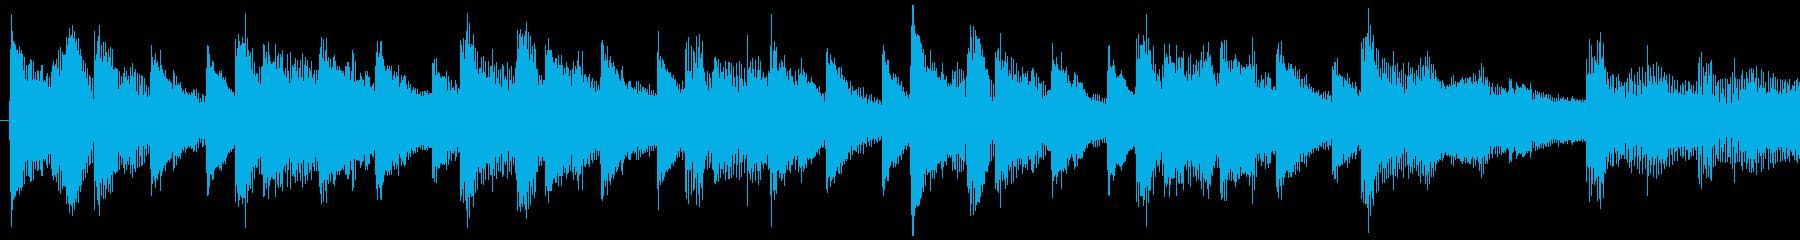 ロマンチックで元気が出るバラード-ループの再生済みの波形